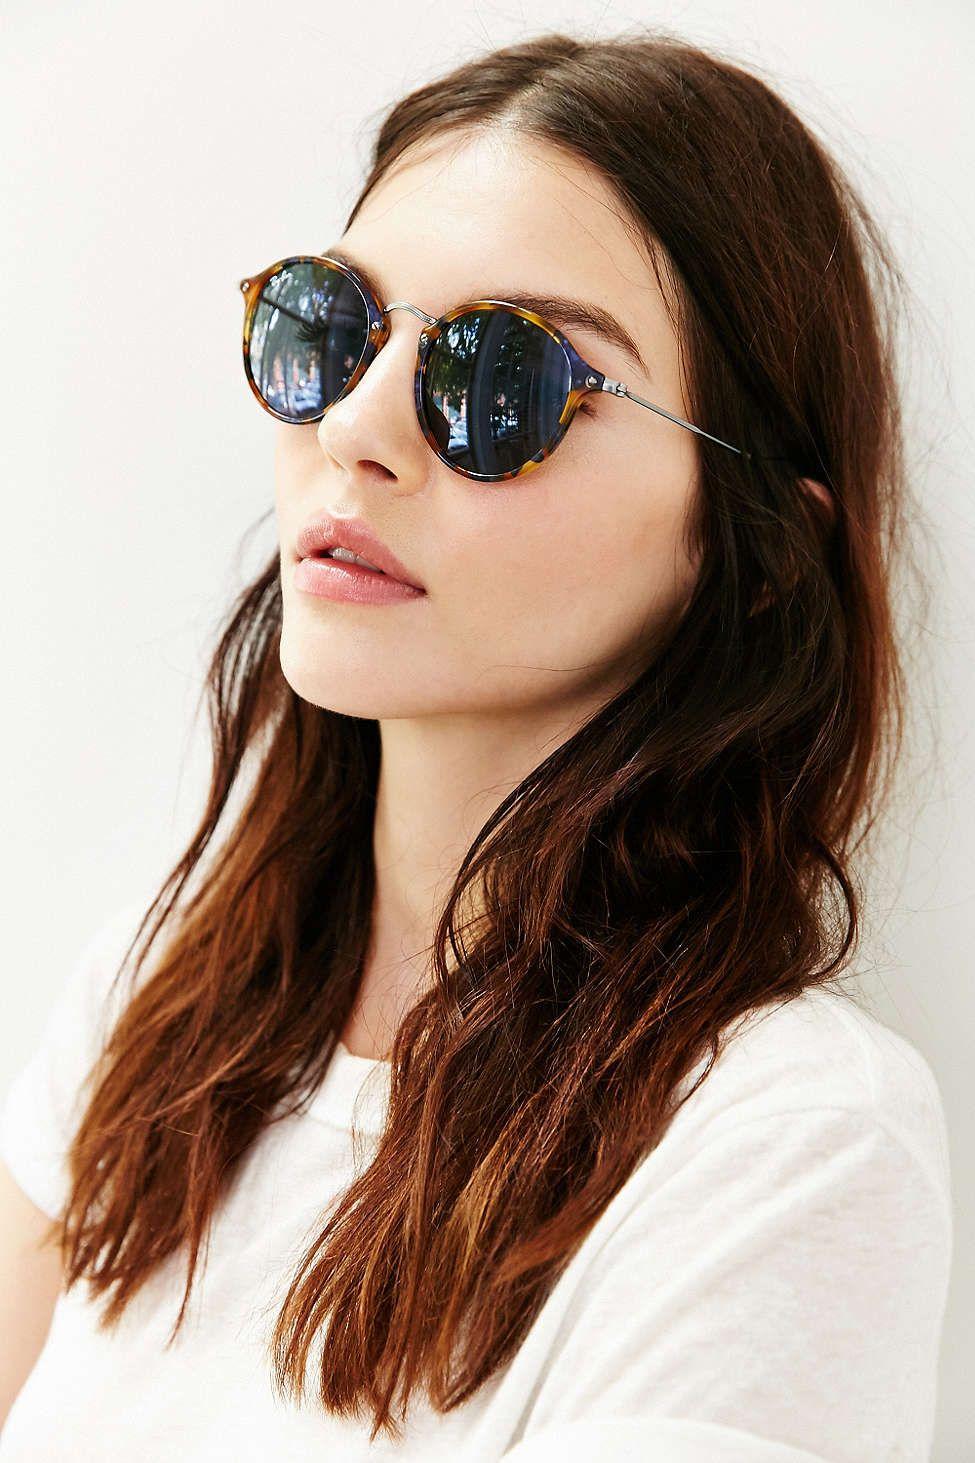 f433236b9 Os óculos redondo nunca foram tão estilosos! Super na moda ♥ #rayban  #round… Mais